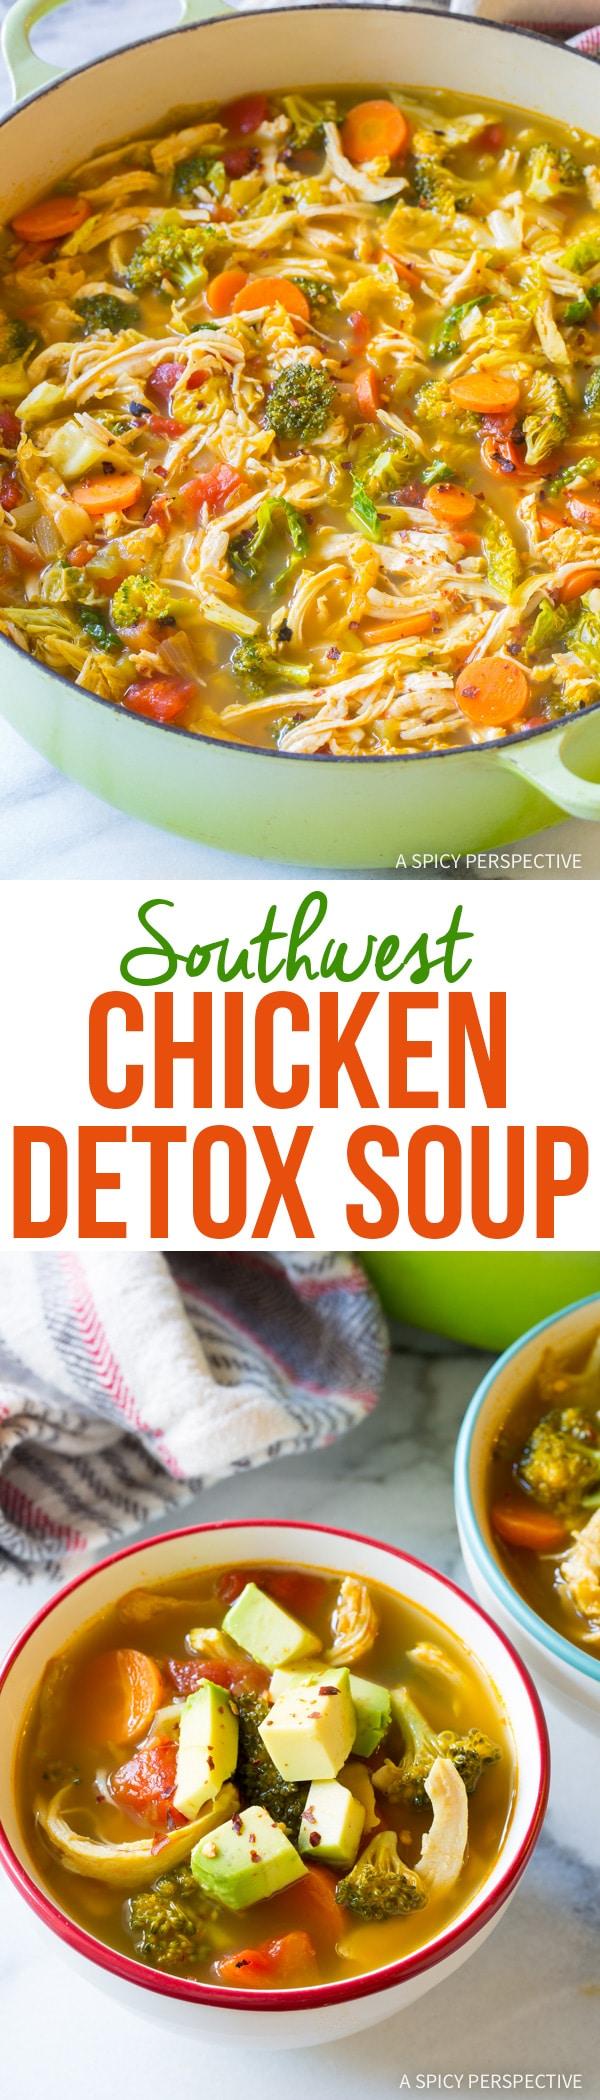 Best Southwest Chicken Detox Soup Recipe